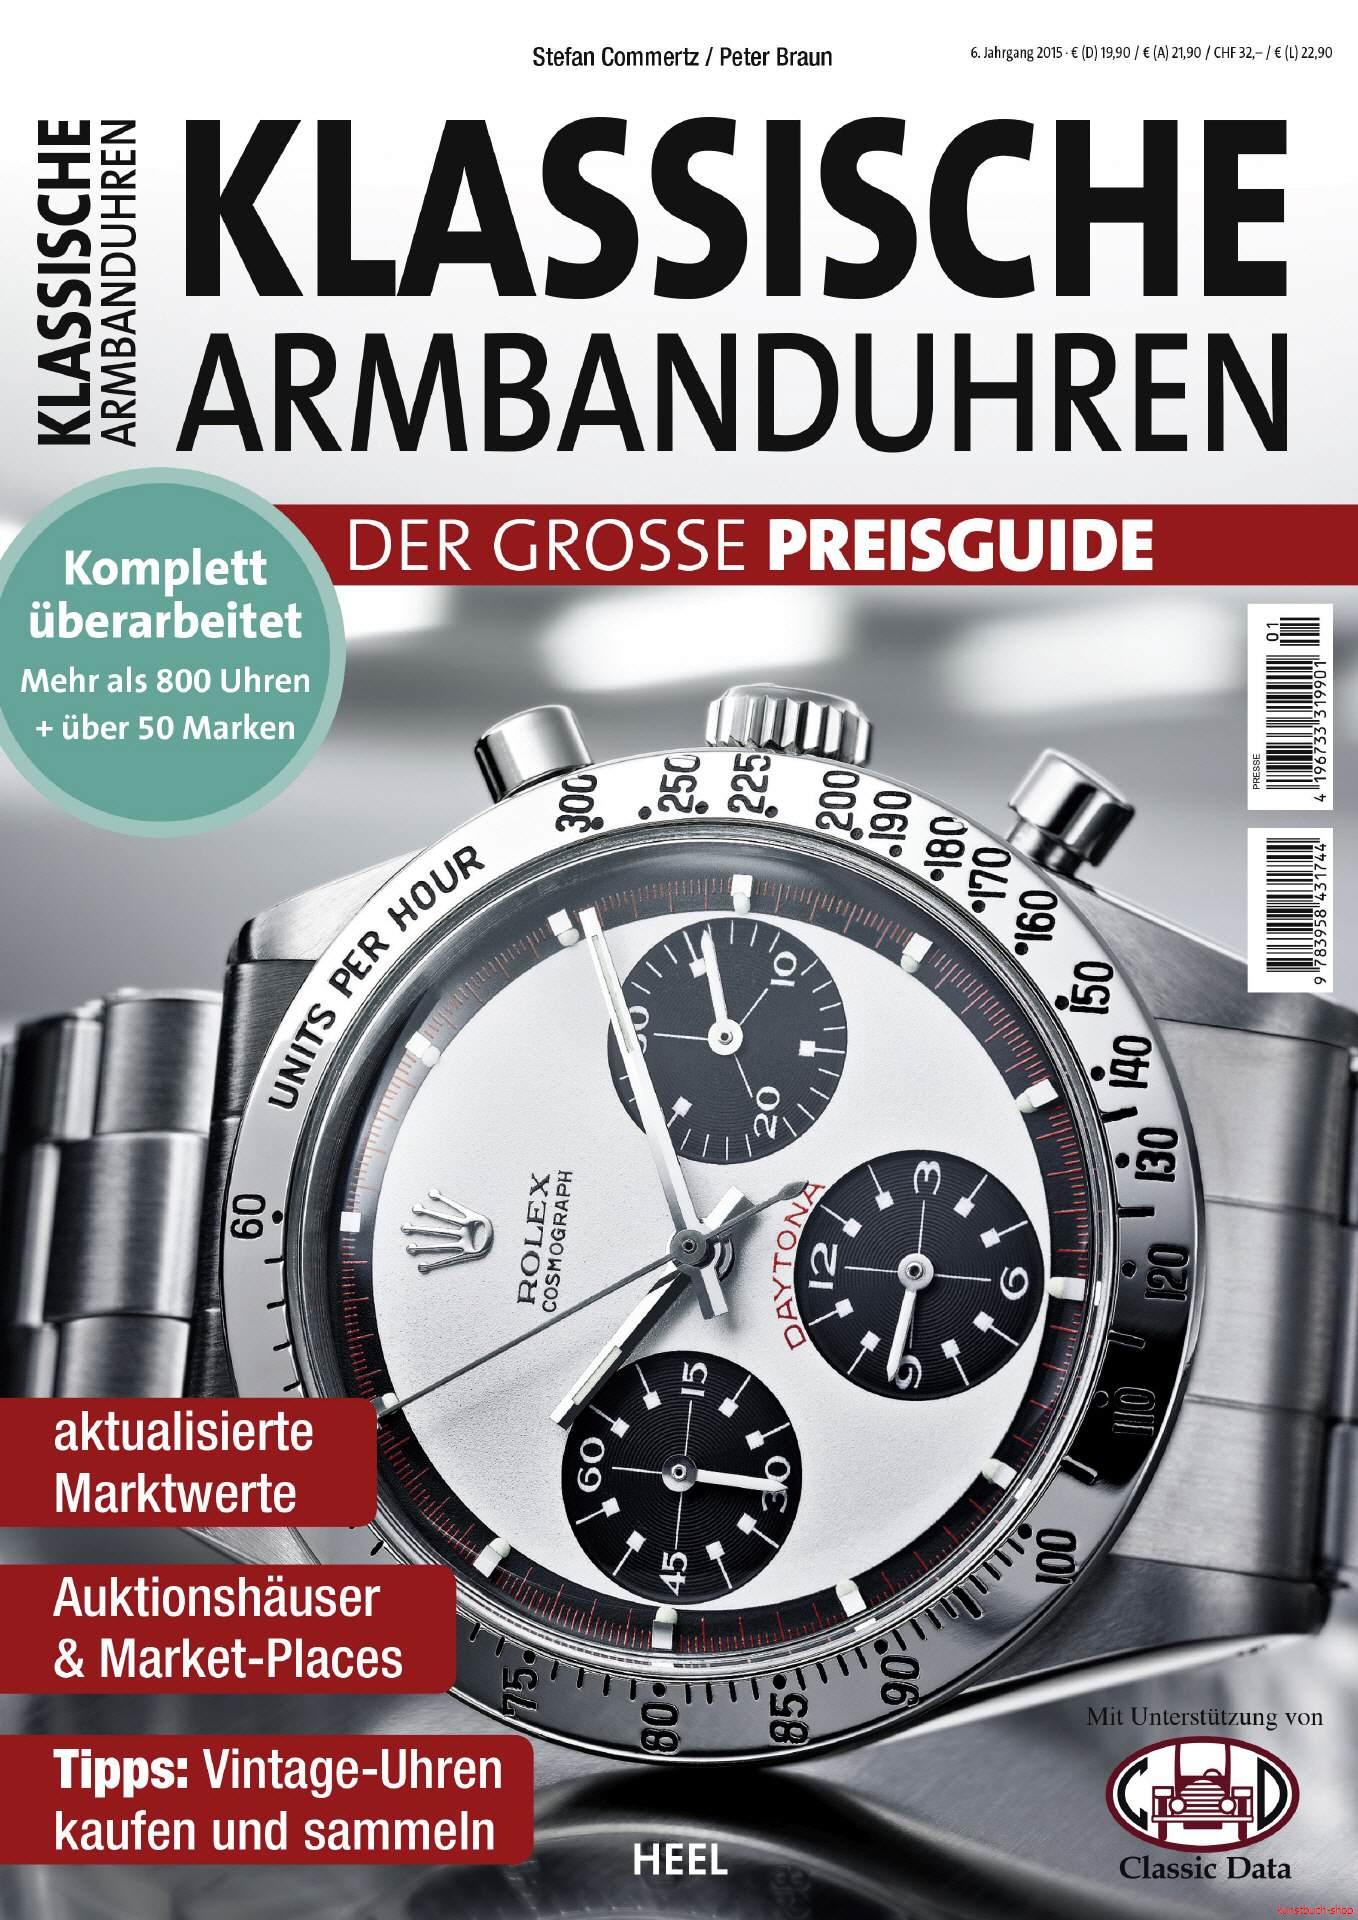 Klassische Armbanduhren 2015